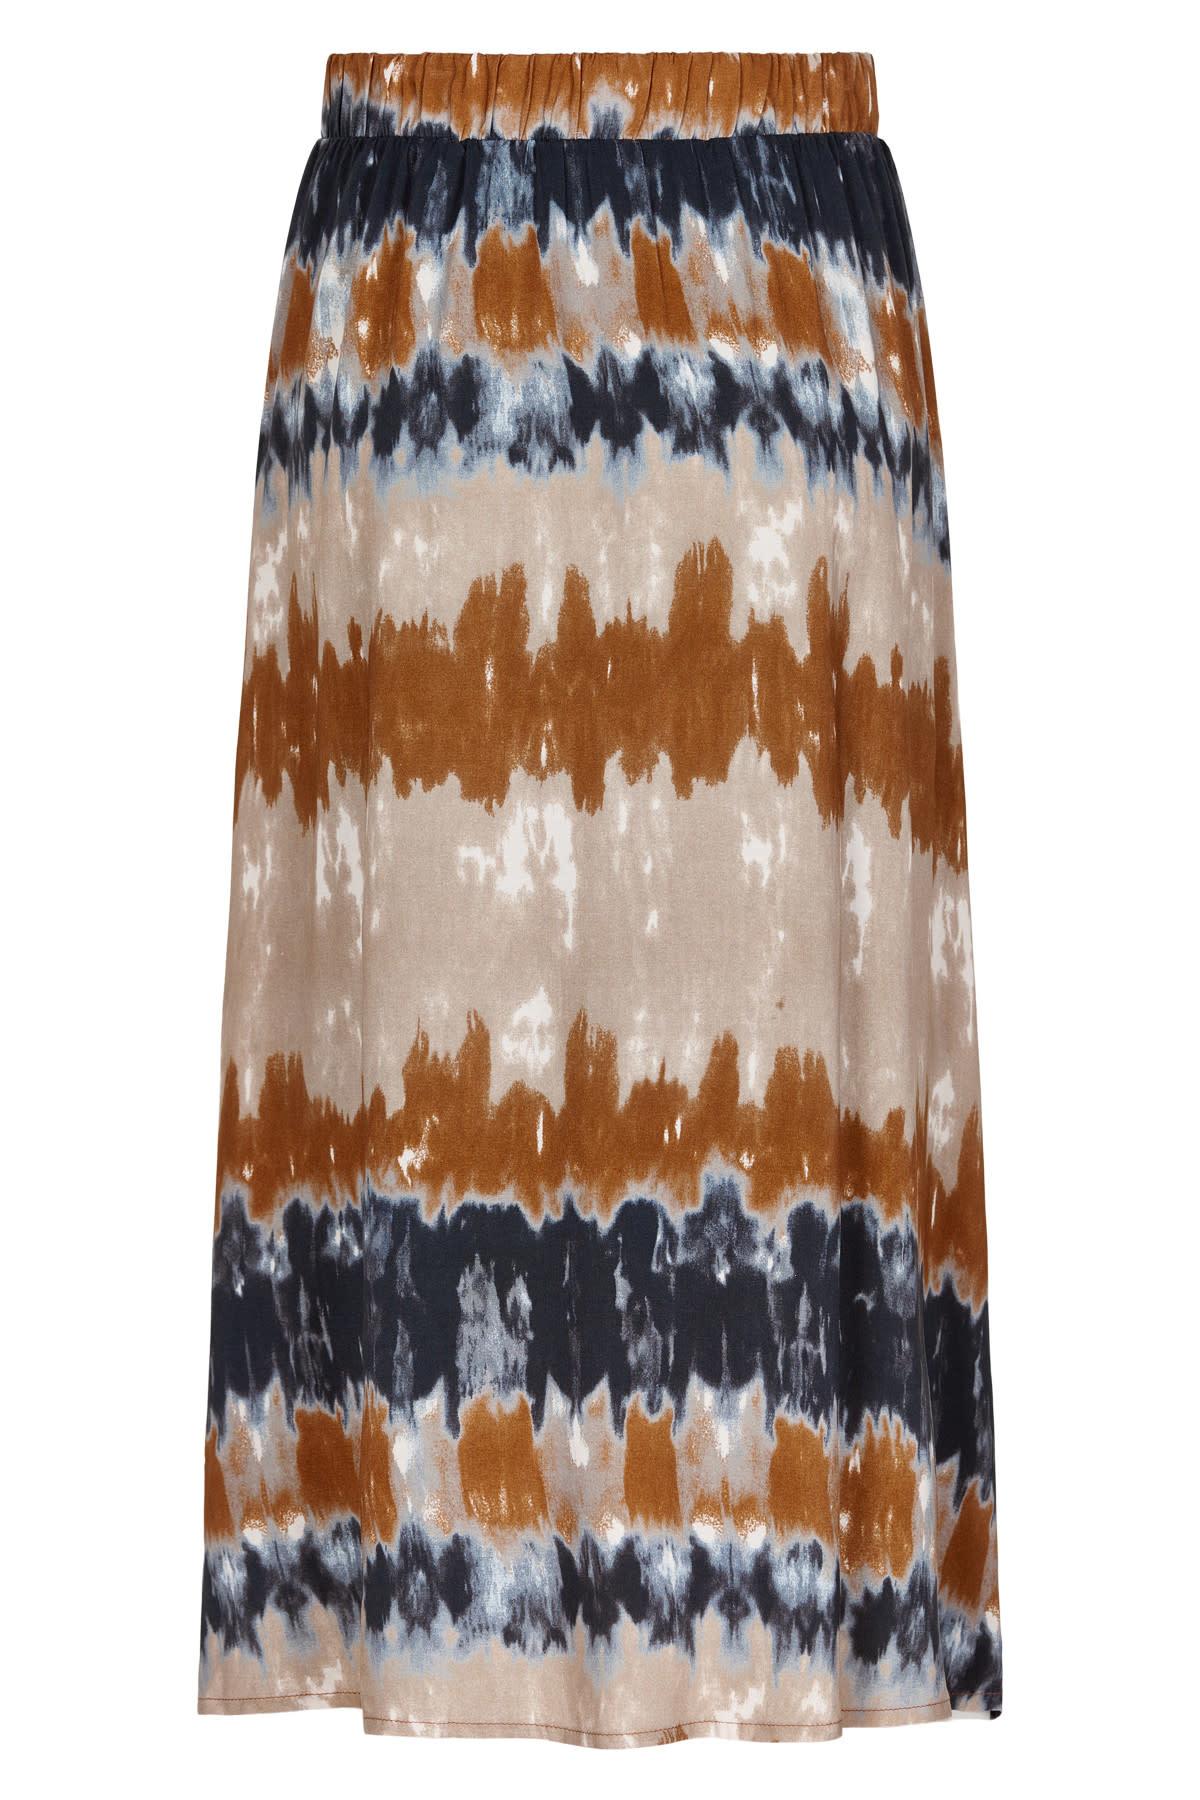 Nümph Bohemia Skirt